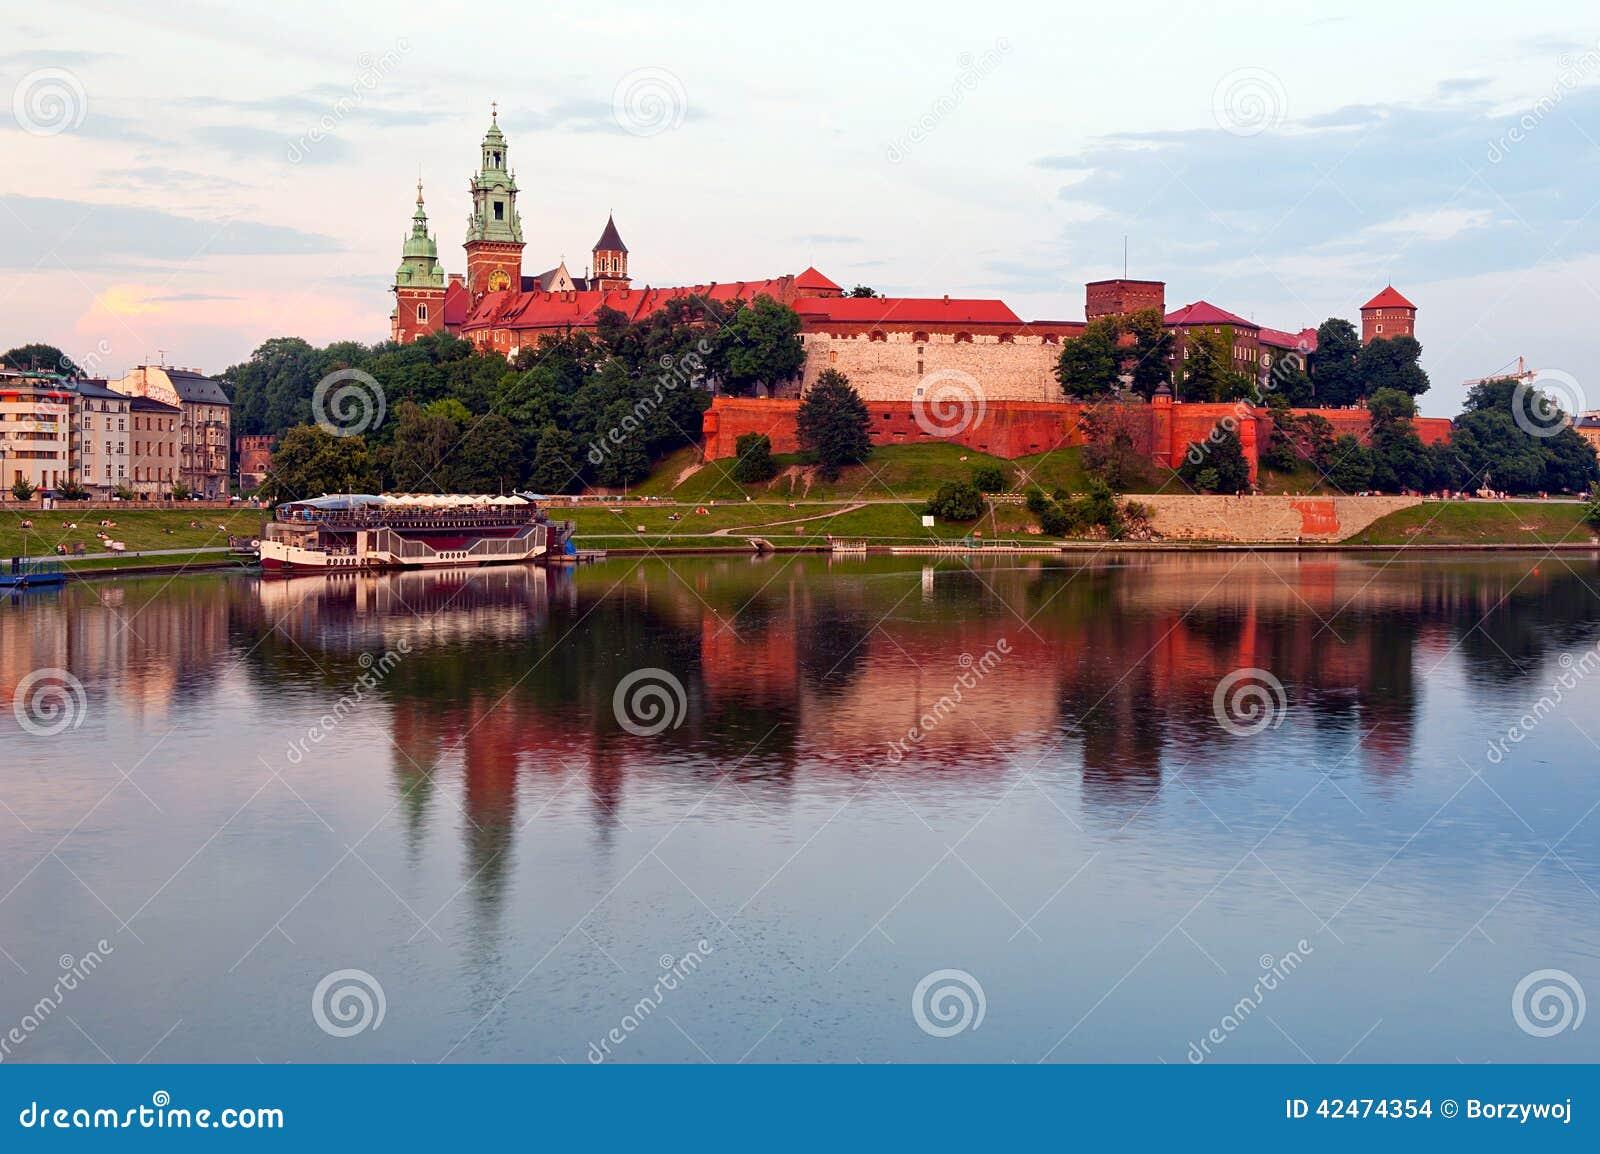 Königliches Schloss in Krakau - Wawel